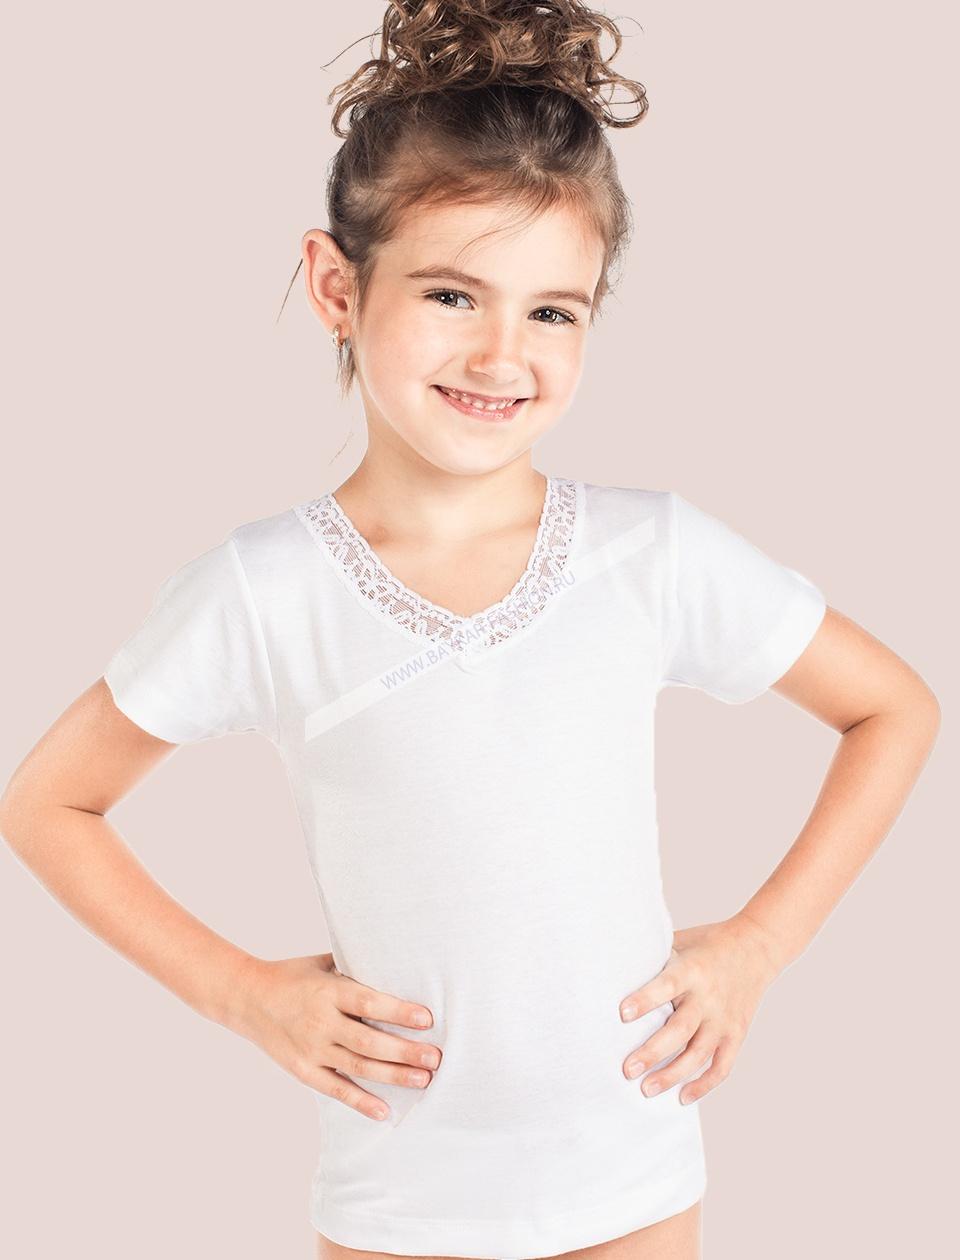 Сбор заказов. Детское и подростковое белье Bаykar-12. Маечки, трусики, бюстье, топы, футболки для девочек и мальчиков